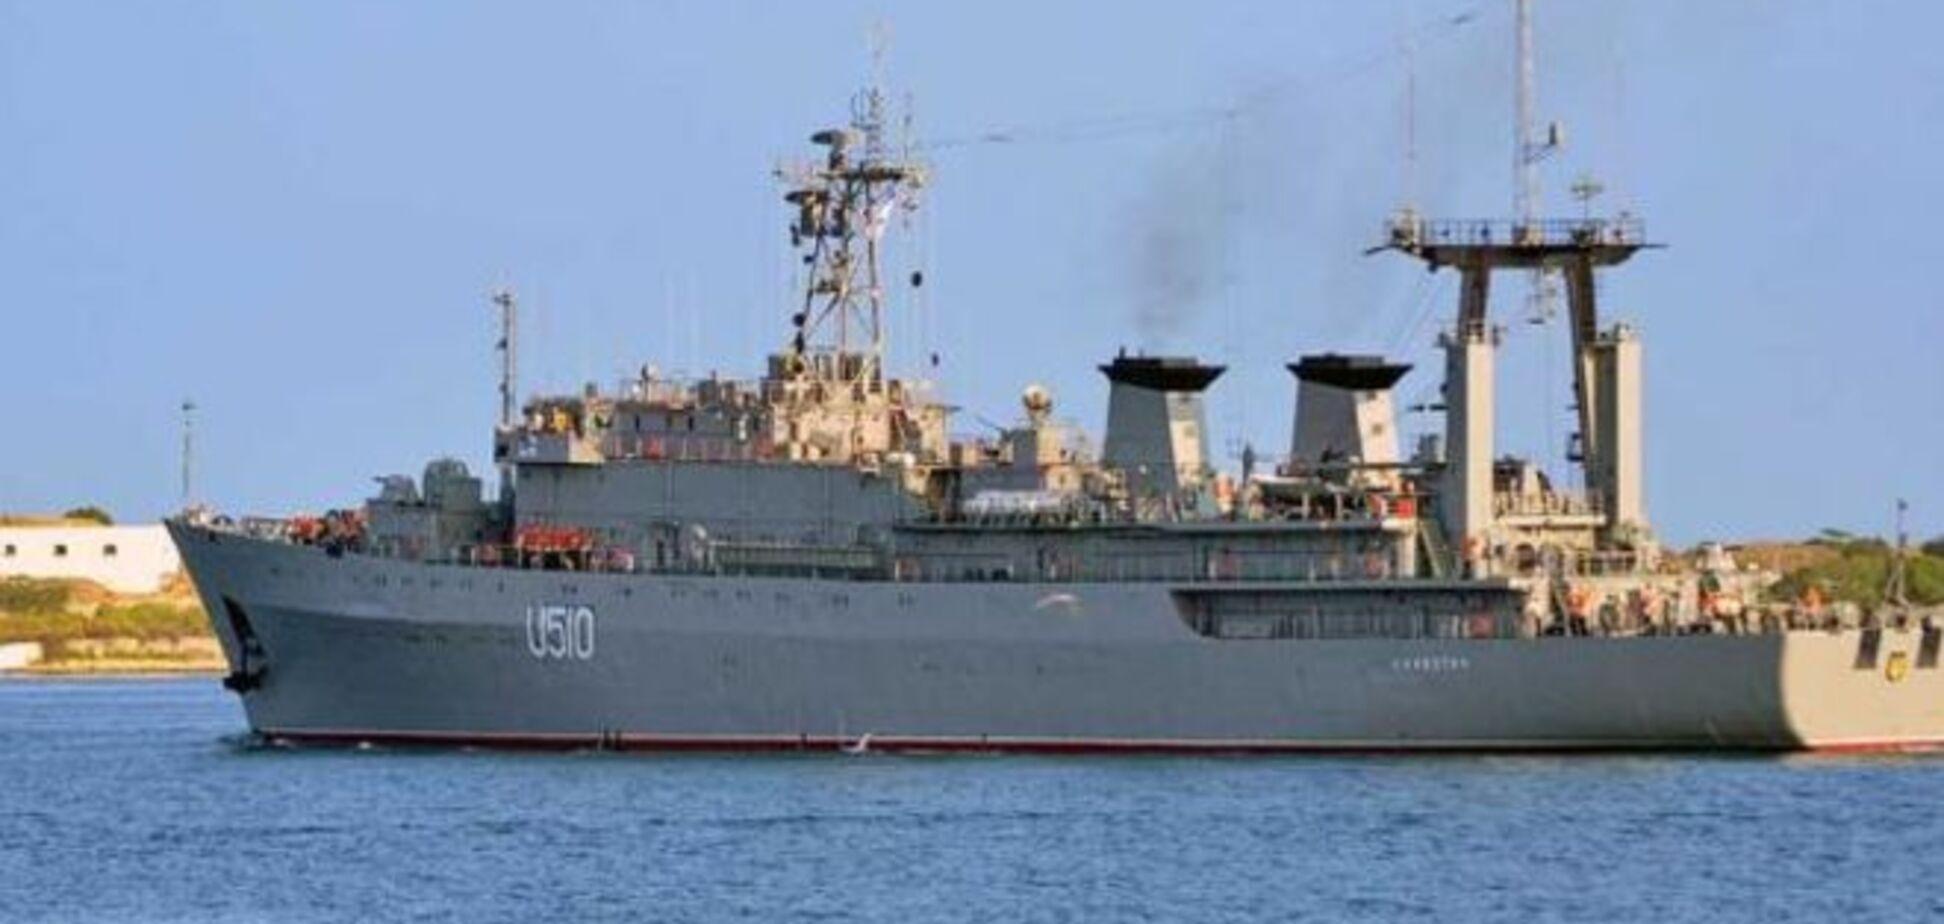 ВСУ: Россия заявила о готовности вернуть военные корабли из Крыма